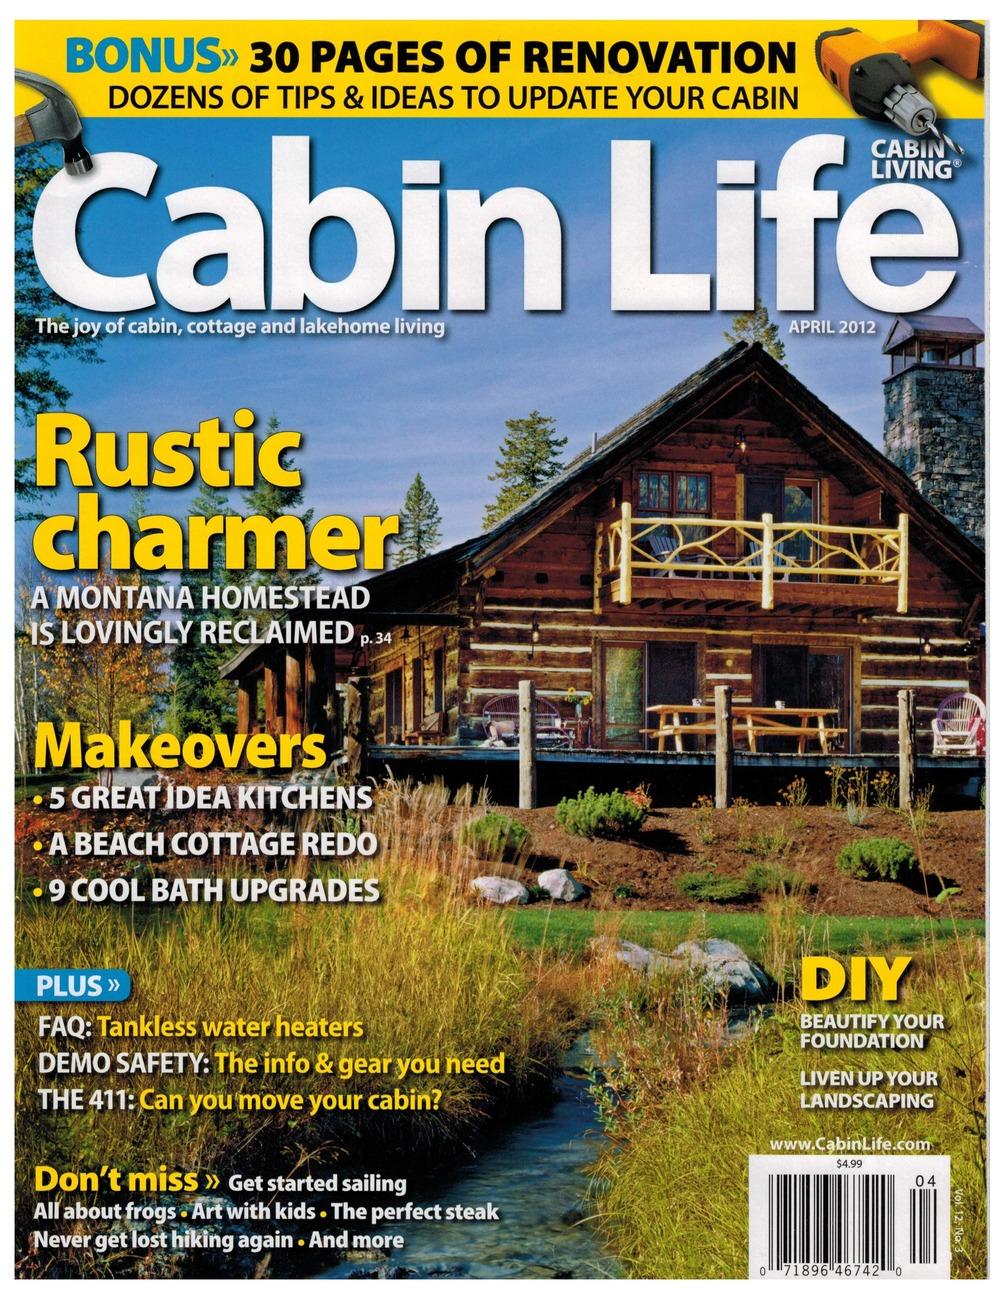 9 Cabin Life-April 2012.jpg